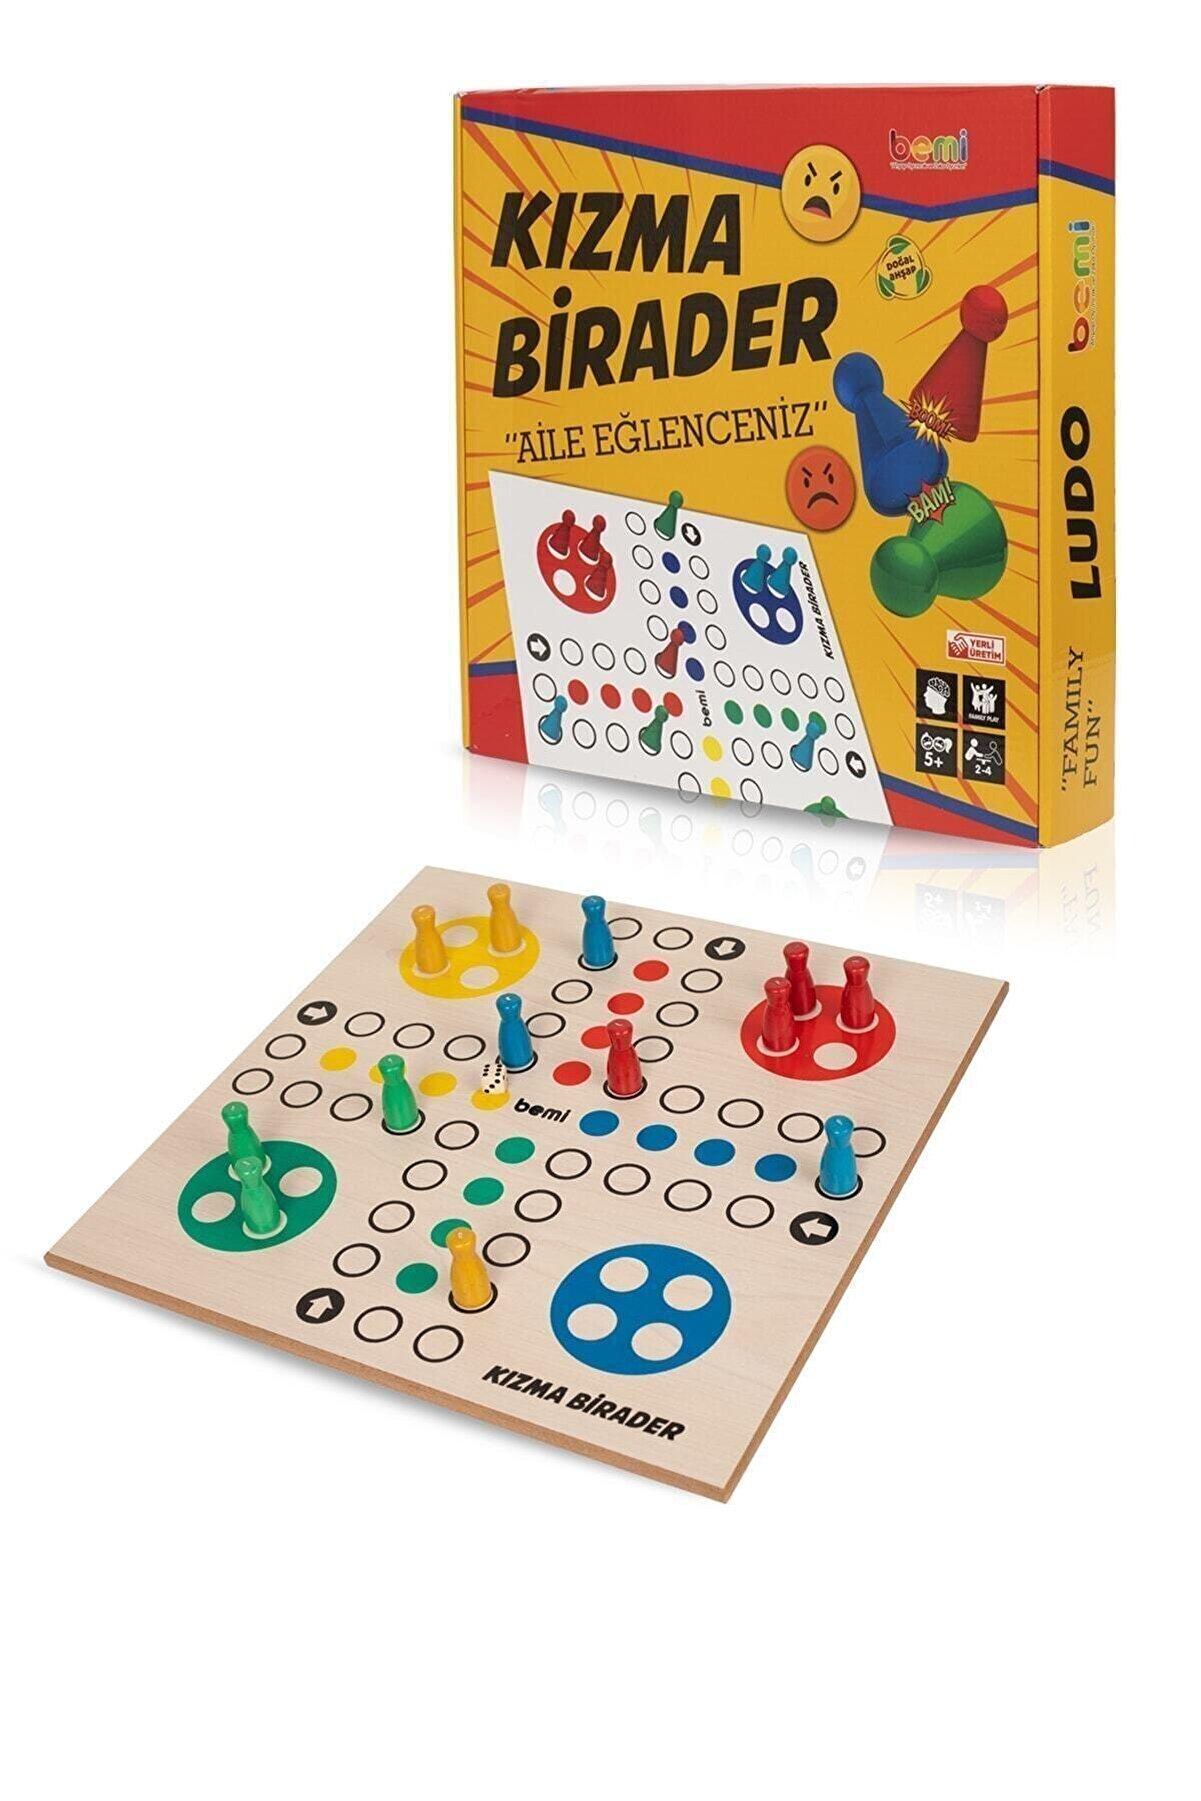 BEMİ Kızma Birader Akıl Hafıza Mantık Beceri Eğitici Zeka Strateji Kutu Oyunu